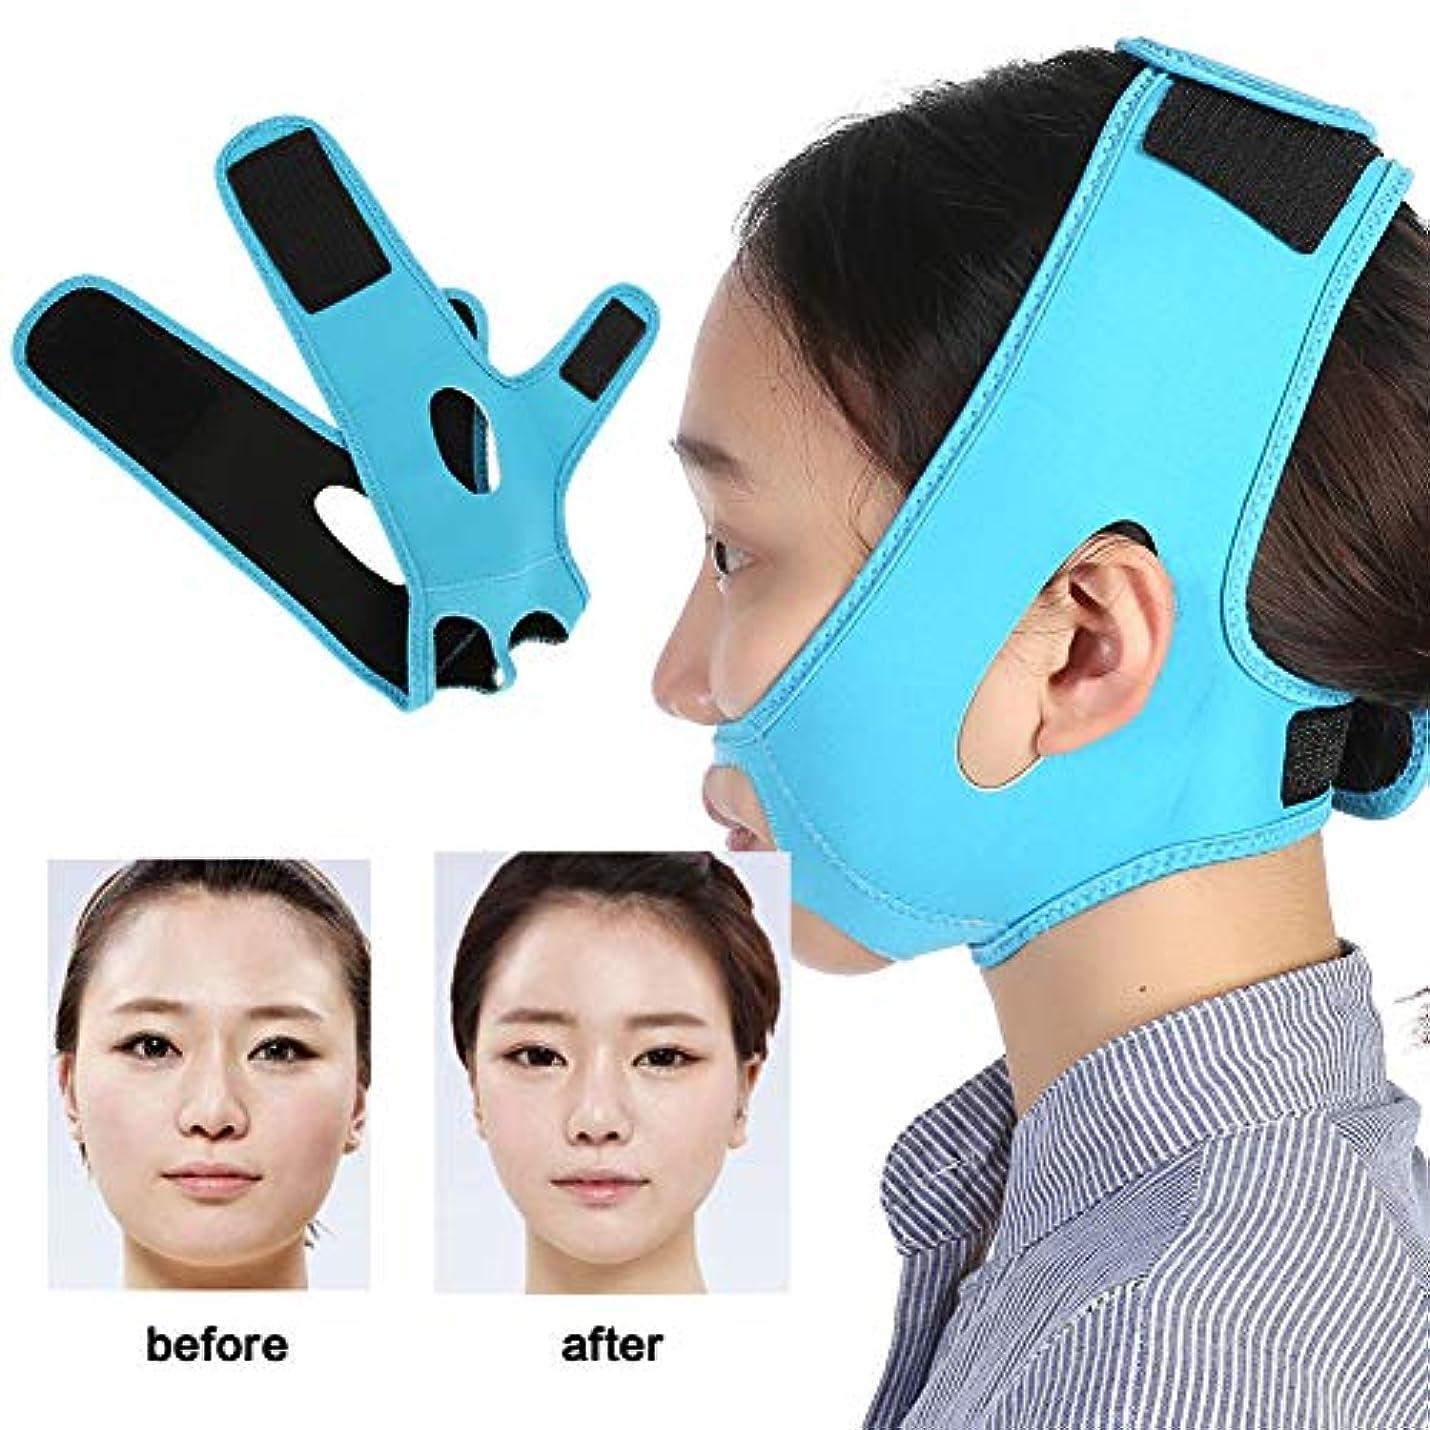 置換ドリル器官顔の輪郭を改善するためのフェイスマスクのスリム化 Vフェイス美容包帯 通気性/伸縮性/非変形性